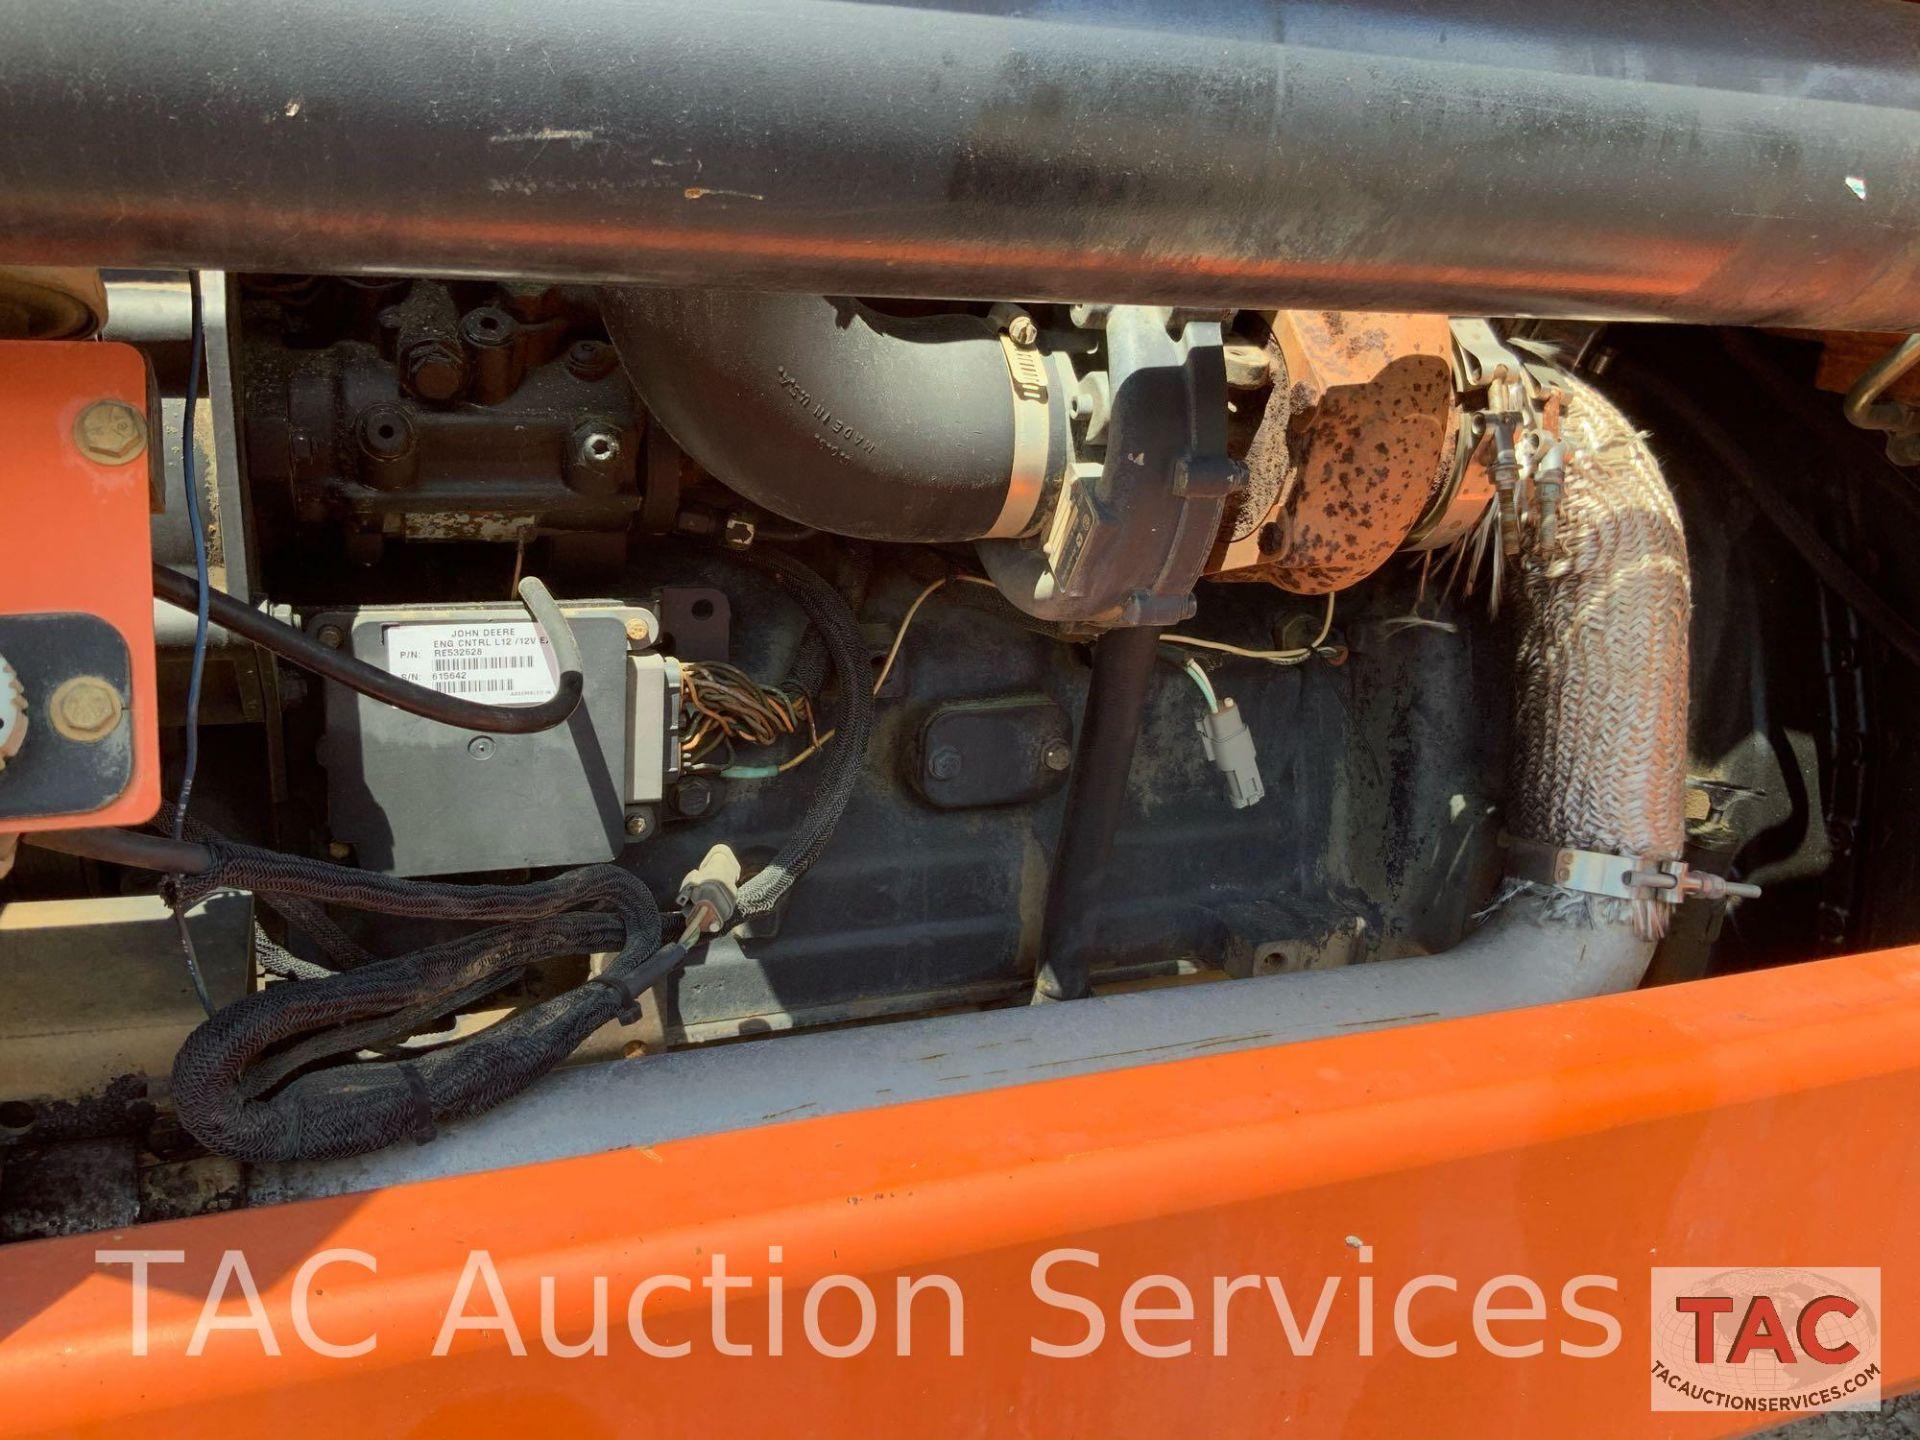 2007 JLG LULL Telehander Forklift - Image 21 of 25